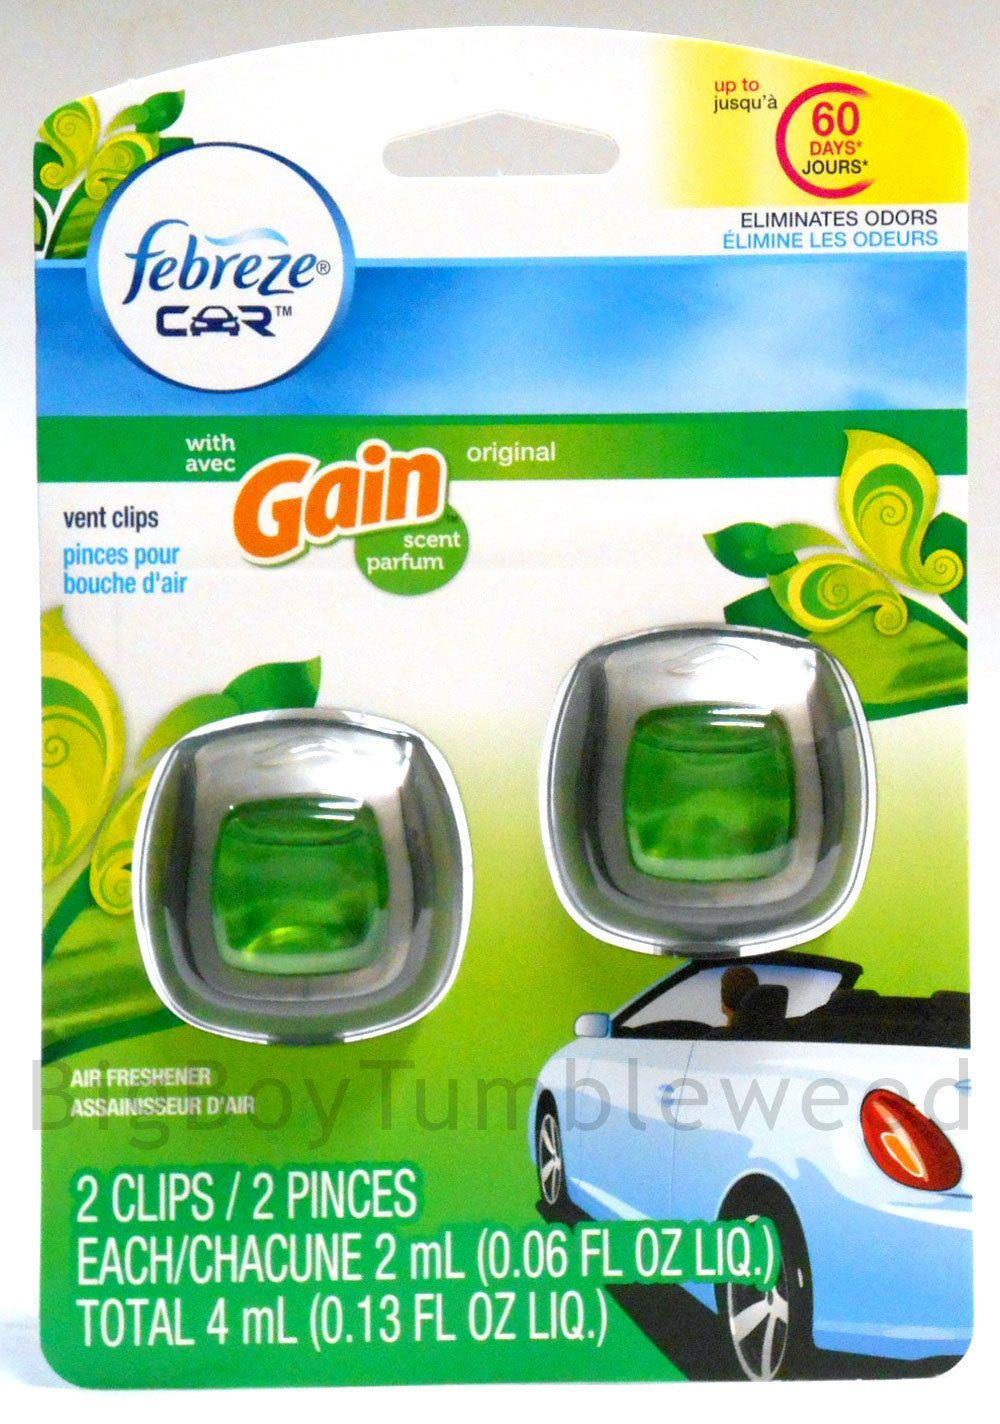 Febreze car gain laundry detergent scent vent clips rv truck air freshener linen febreze car